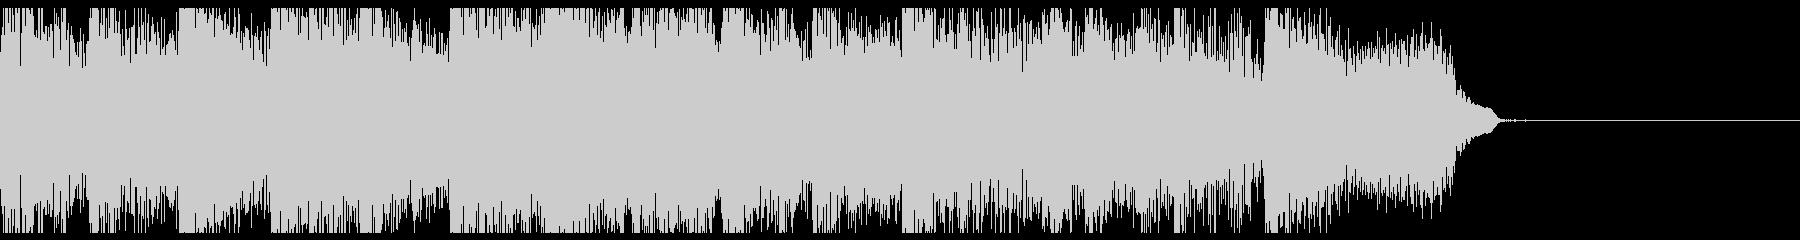 ハイケンスのセレナーデのサウドロゴの未再生の波形